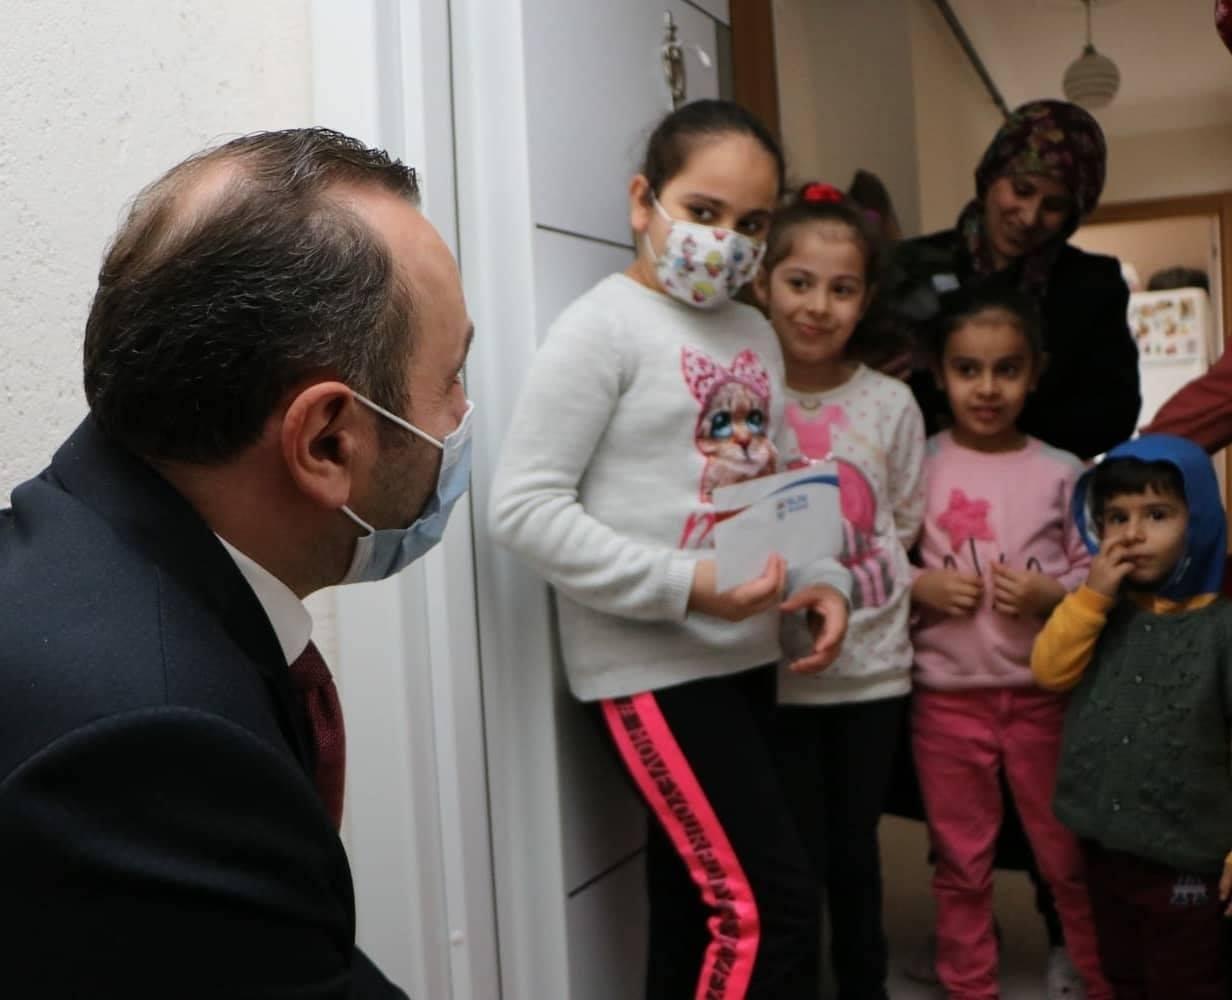 Yalova Belediye Başkan Vekili Mustafa Tutuk, lösemi tedavileri devam eden çocukları ziyaret etti.